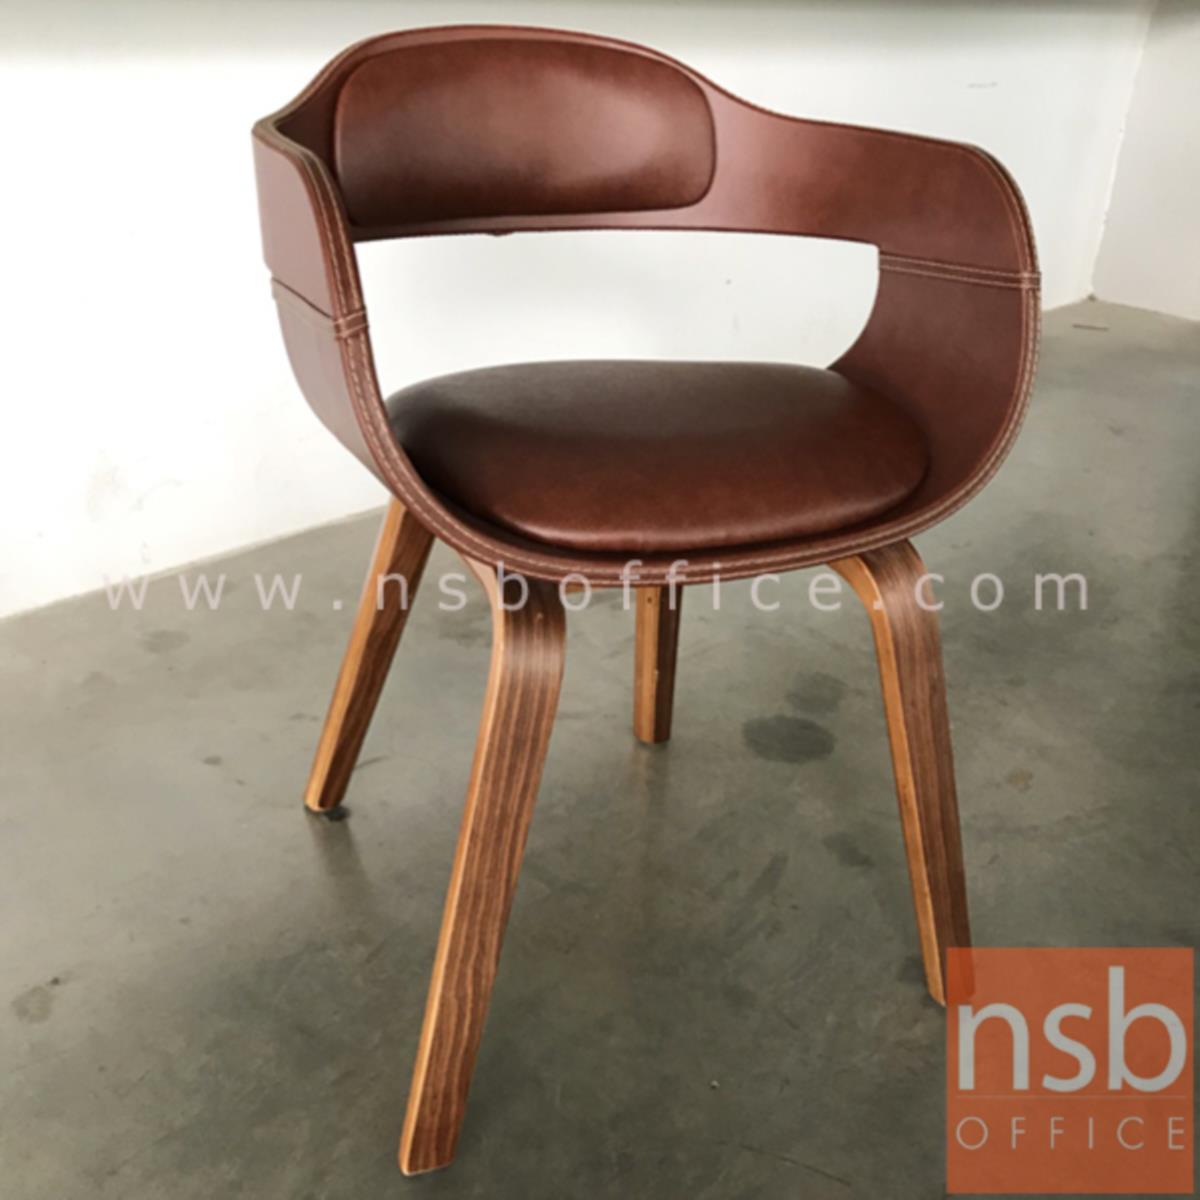 เก้าอี้โมเดิร์นหนังเทียม รุ่น Cairo (ไคโร) ขนาด 40W cm. โครงขาไม้ปิดผิววีเนียร์